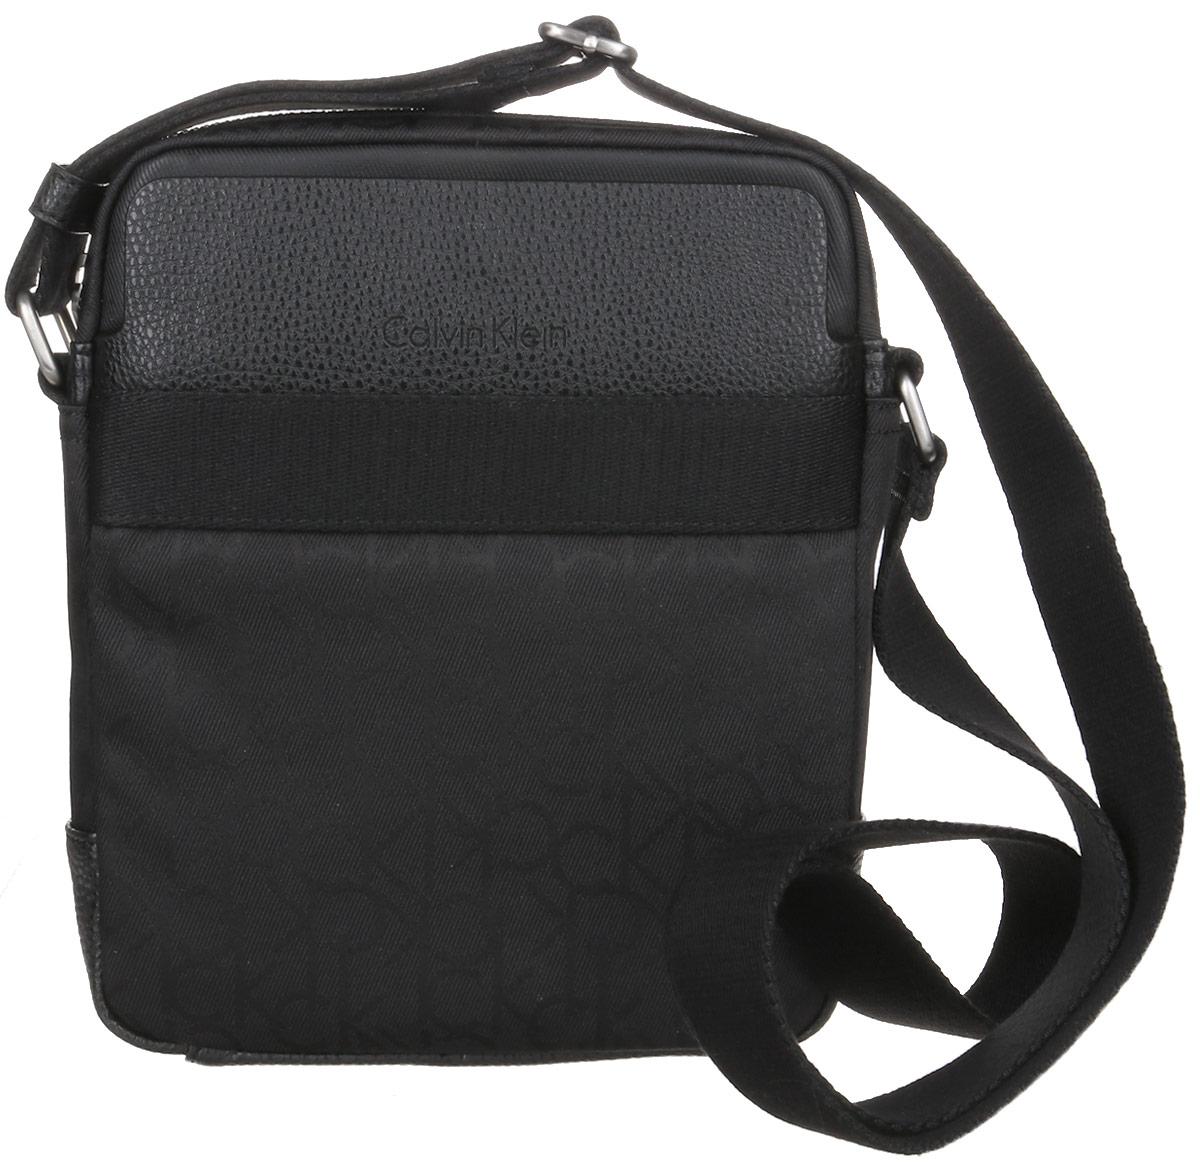 Сумка мужская Calvin Klein Jeans, цвет: черный. K50K502115_001K50K502115_001Стильная сумка Calvin Klein Jeans выполнена из искусственной кожи, оформлена символикой бренда. Изделие содержит одно отделение, которое закрывается на застежку-молнию. Внутри сумки размещен один накладной кармашек для мелочей и один прорезной на застежке-молнии. Спереди расположен один накладной карман на магнитном замке. Сумка оснащена плечевым ремнем регулируемой длины. В комплекте с изделием поставляется чехол для хранения.